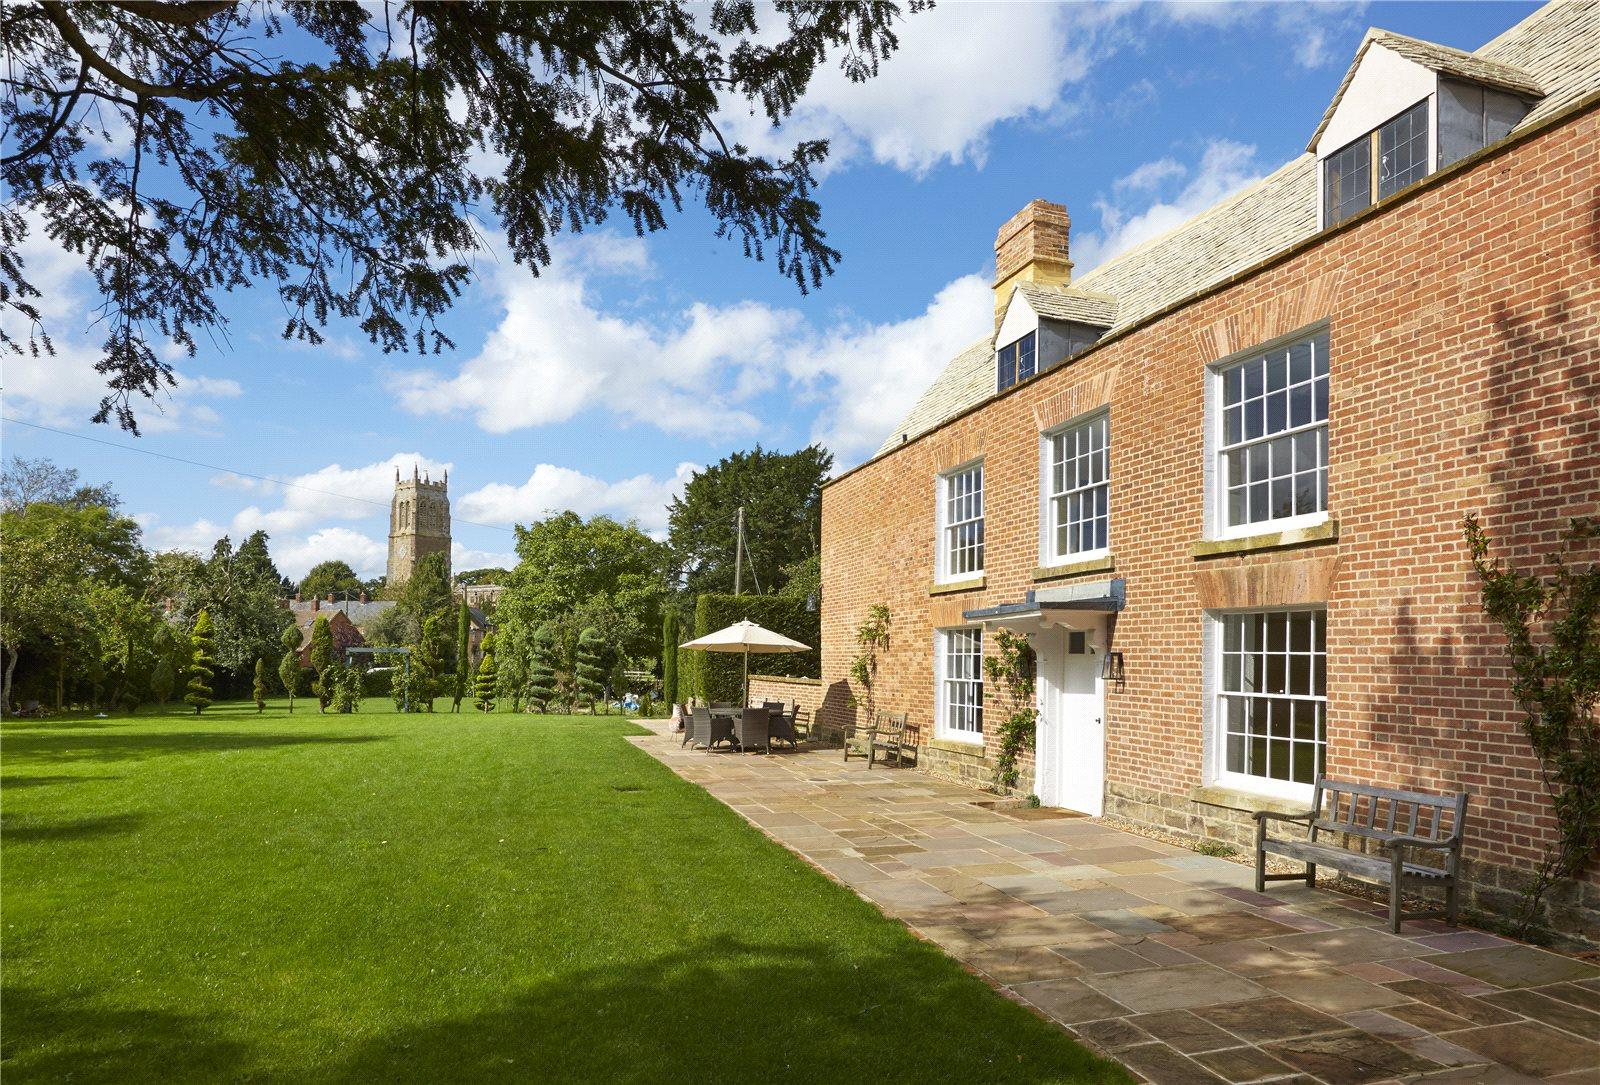 一戸建て のために 売買 アット Friars Lane, Lower Brailes, Banbury, Oxfordshire, OX15 Banbury, イギリス